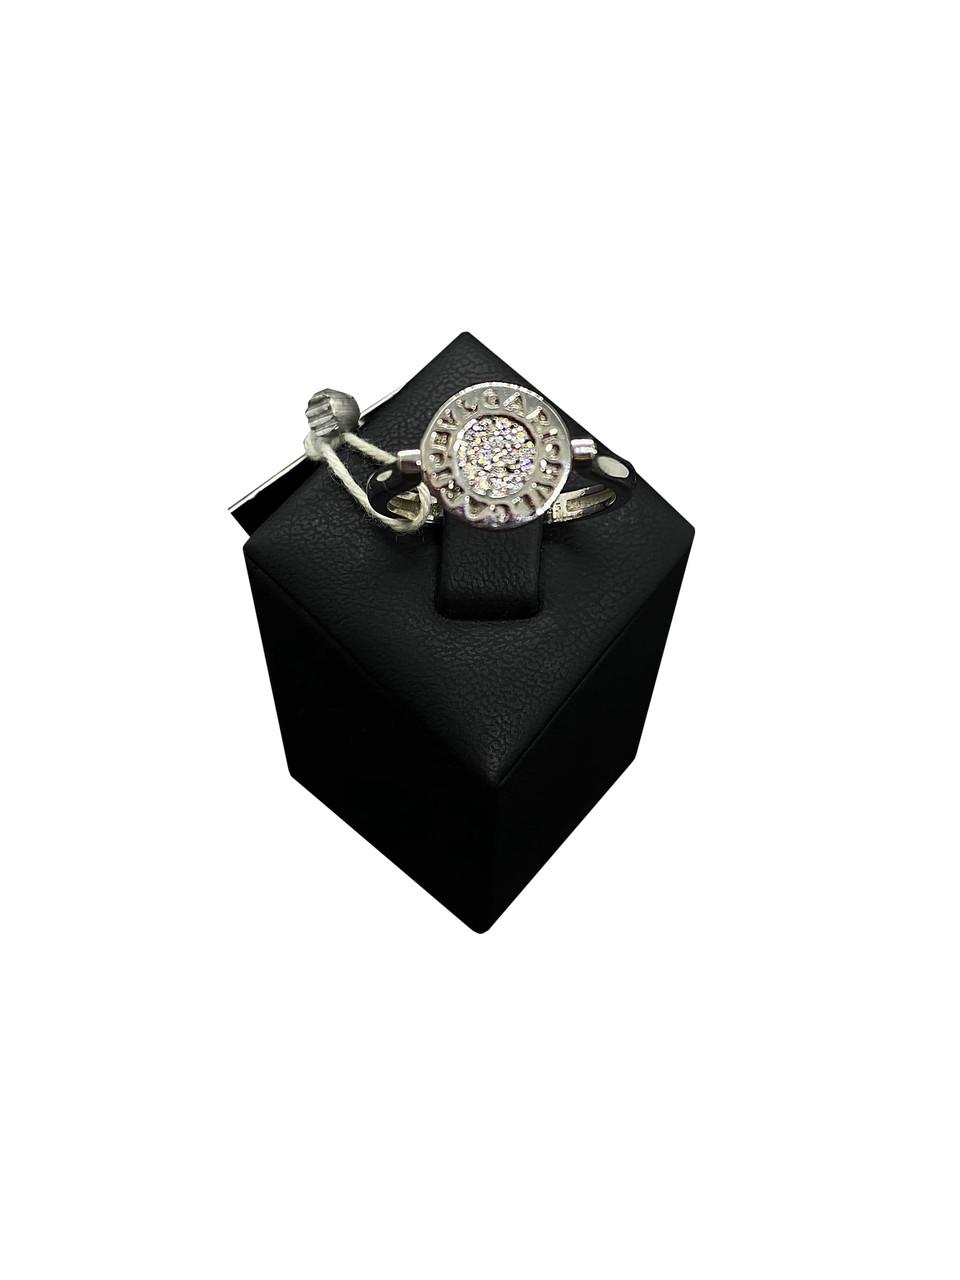 Кольцо из серебра 925 Beauty Bar c логотипом Булгари круг с цирконами (размер 18)